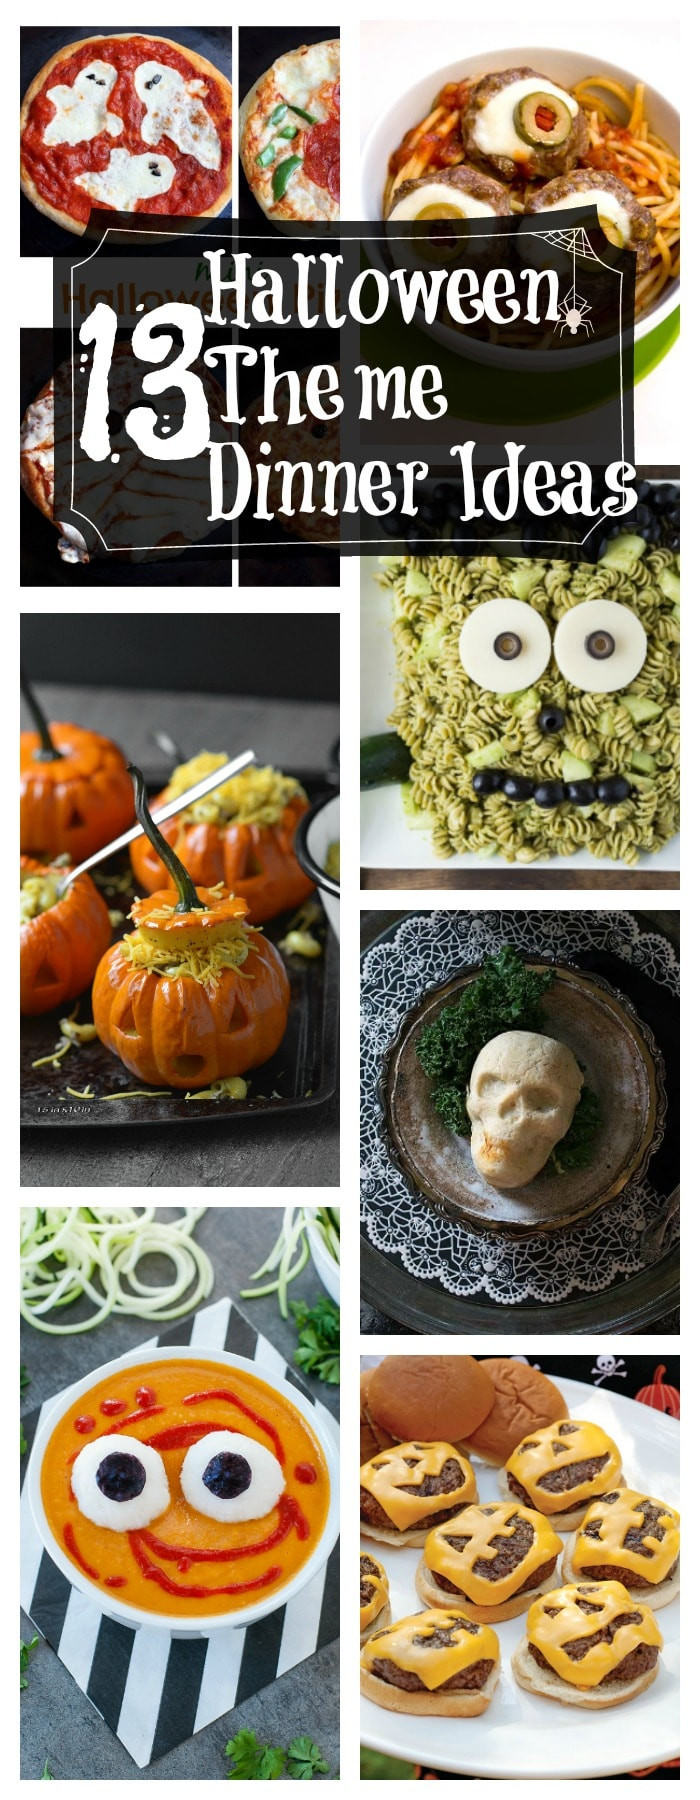 Halloween Themed Dinner  13 Healthy Halloween Themed Dinner Ideas